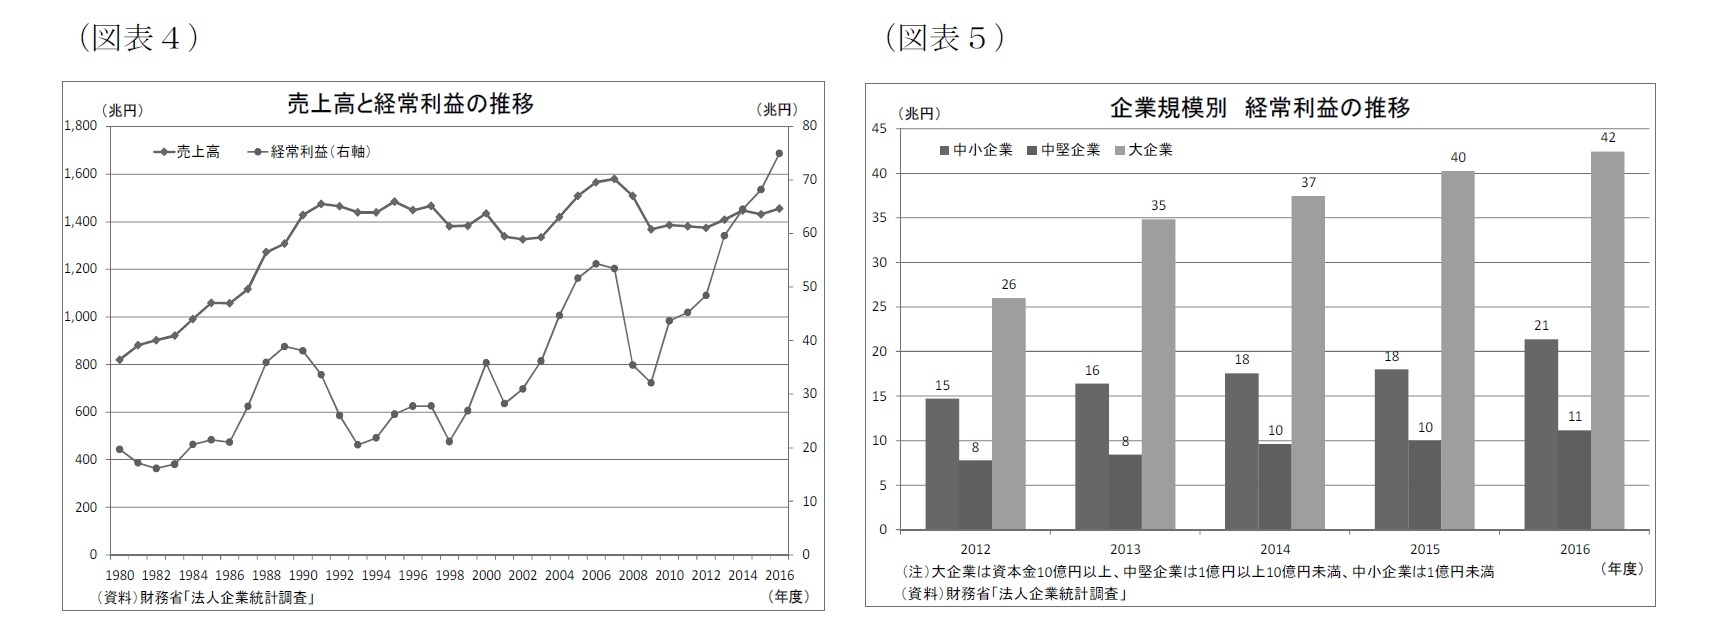 (図表4)売上高と経常利益の推移/(図表5)企業規模別経常利益の推移